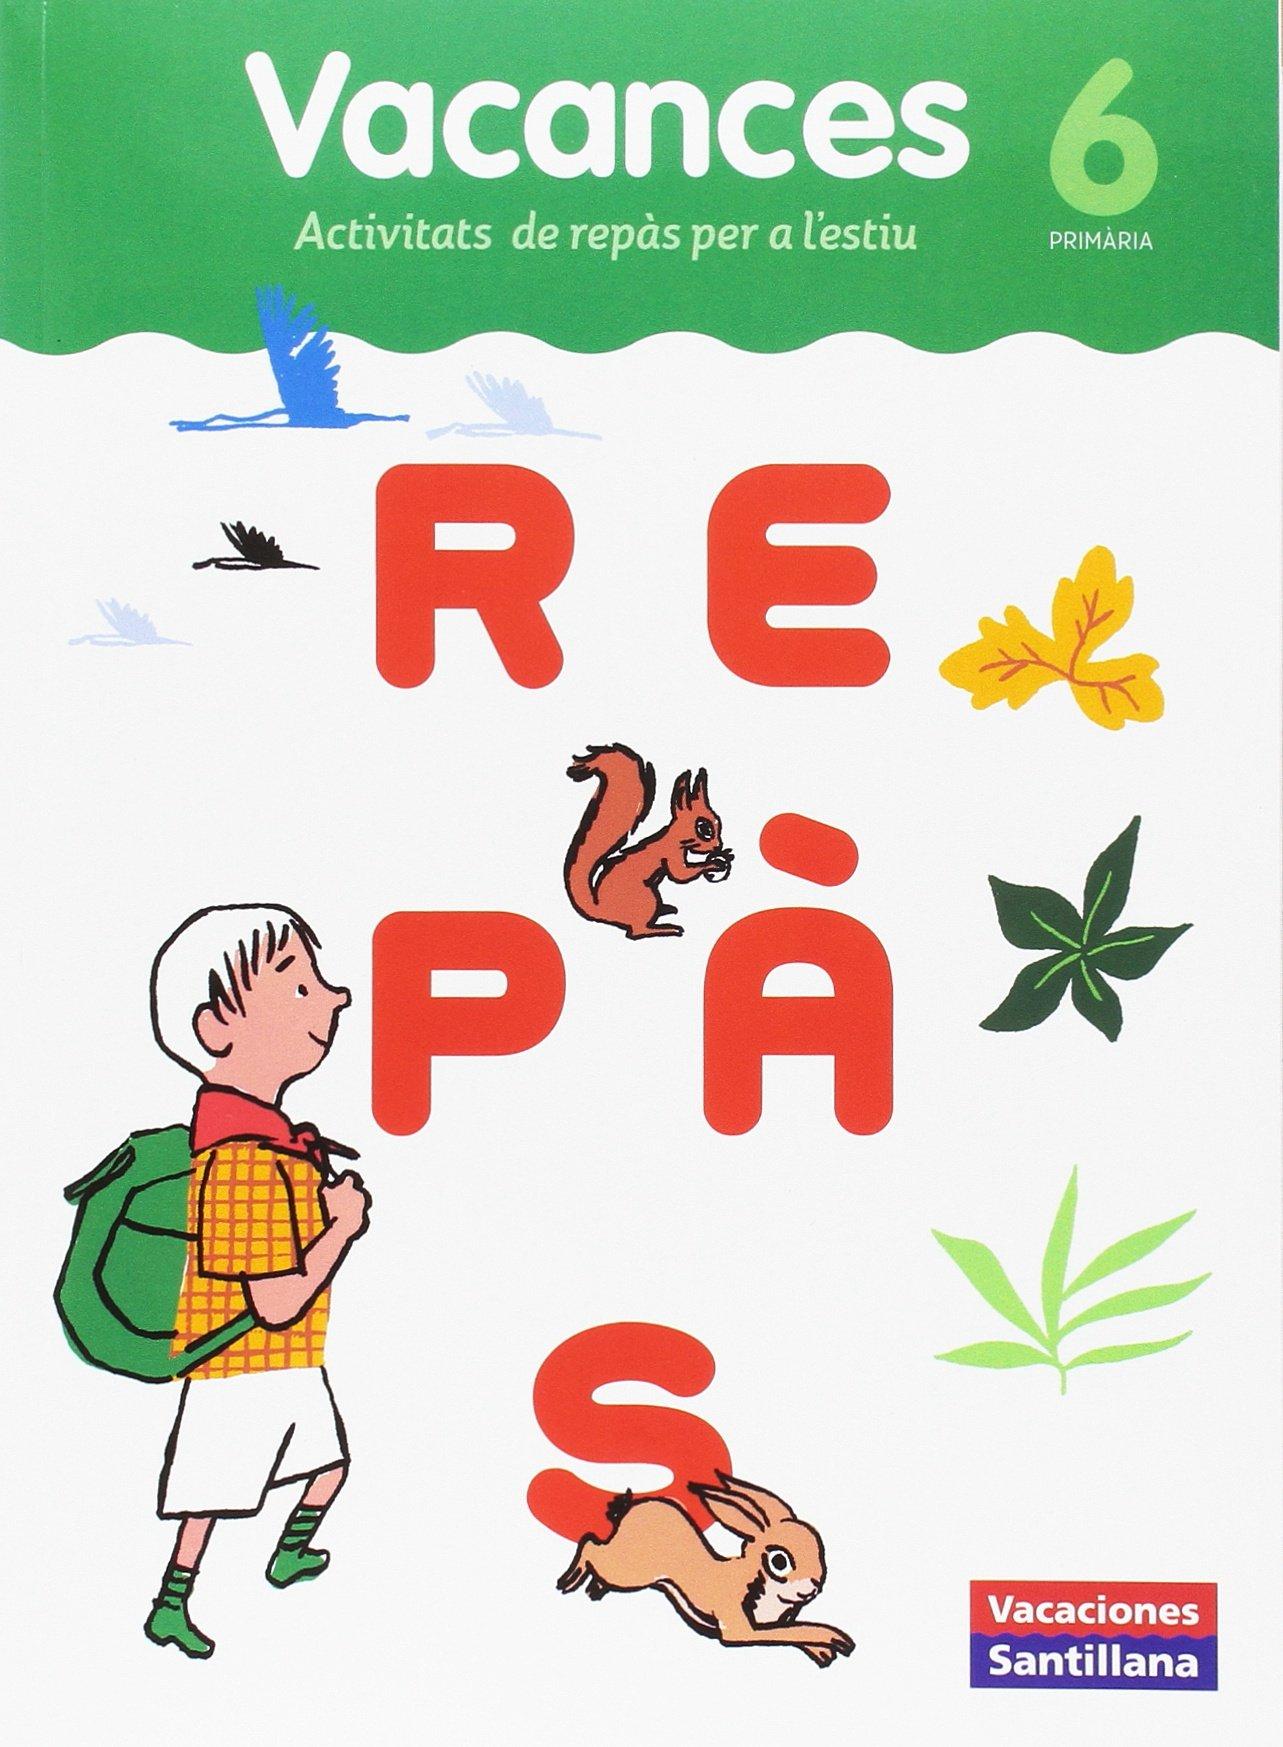 VACACIONES SANTILLANA 6 PRIMARIA REPAS - 9788491311560: Amazon.es: Vv.Aa:  Libros